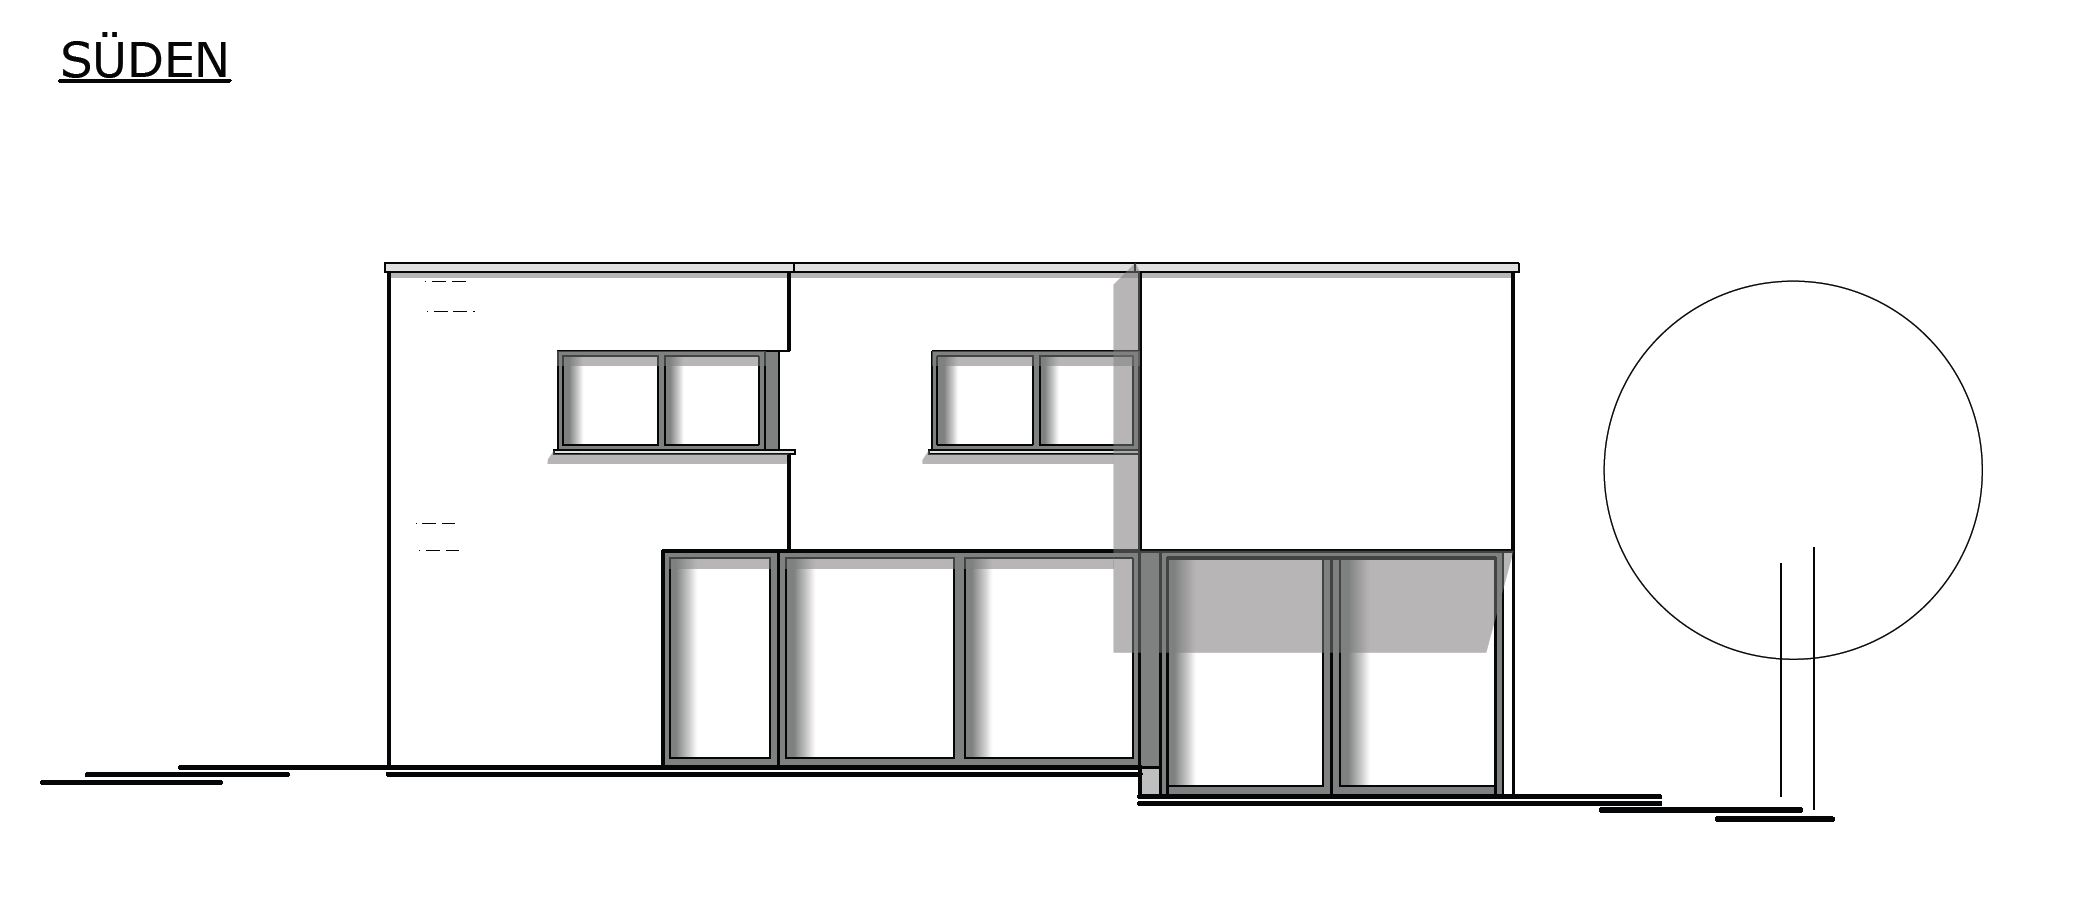 Bauhaus planung erlangen architekt l mmlein architektur for Architekt planung